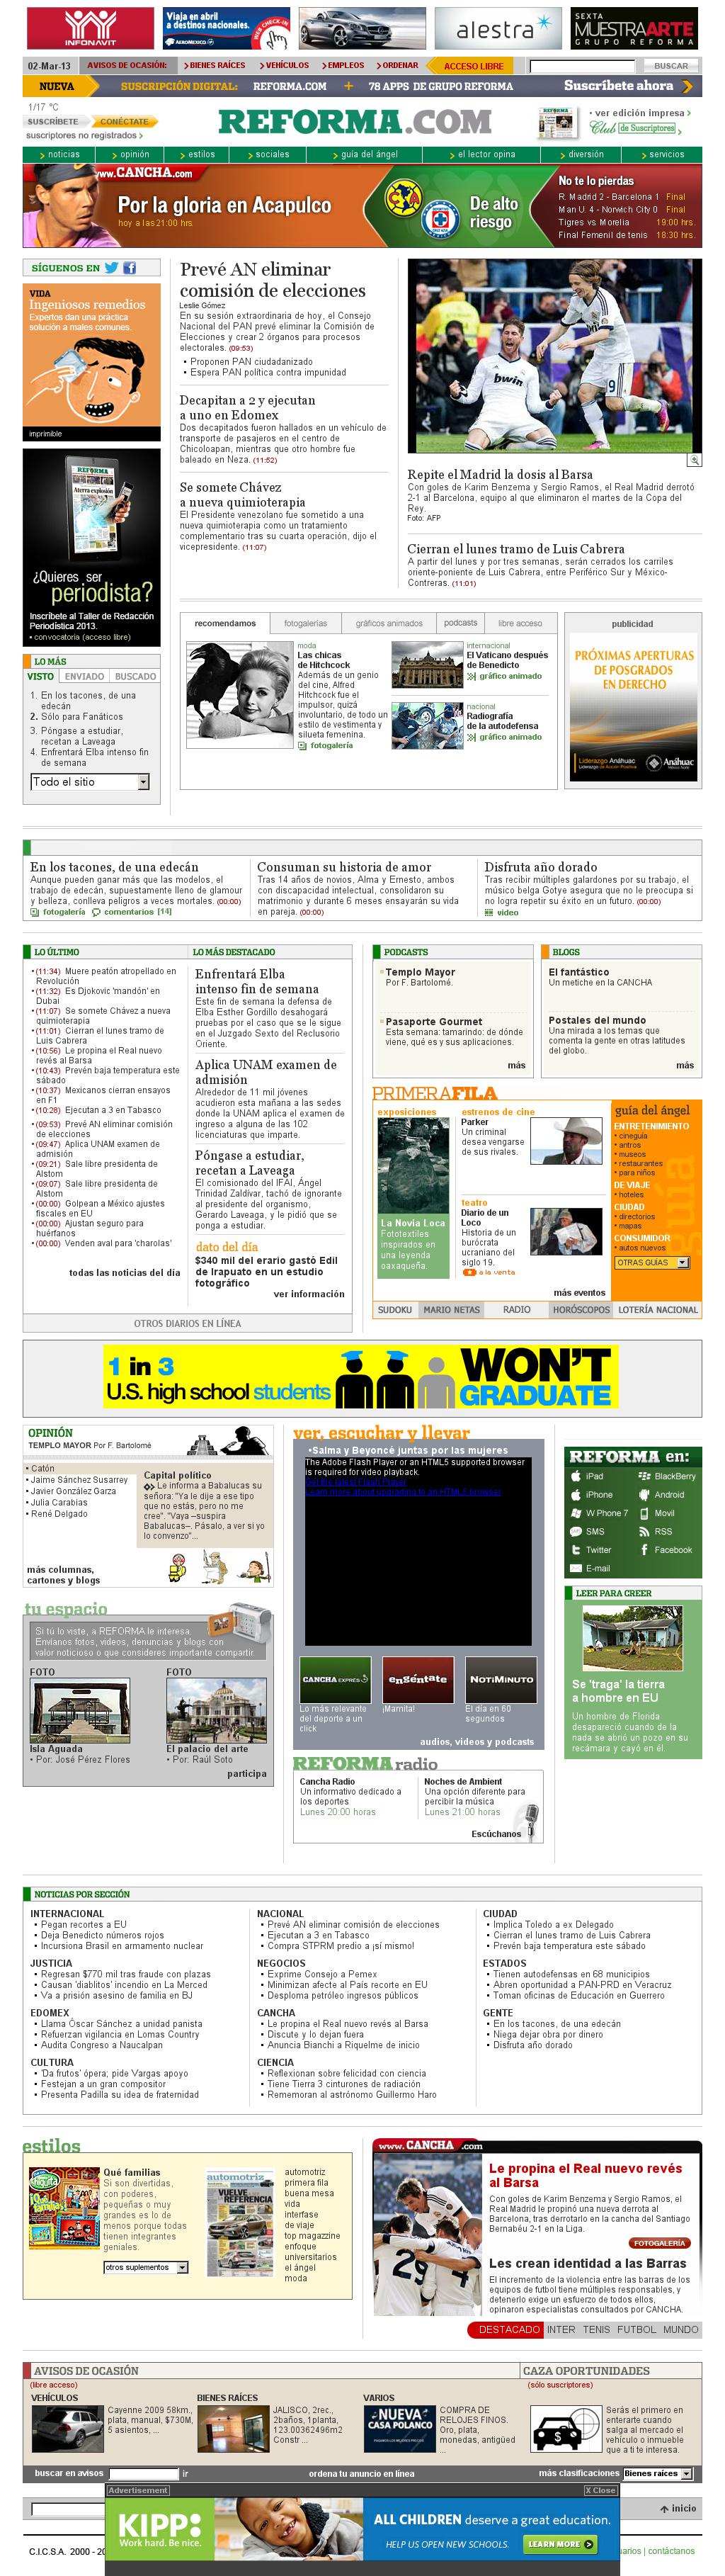 Reforma.com at Saturday March 2, 2013, 6:19 p.m. UTC